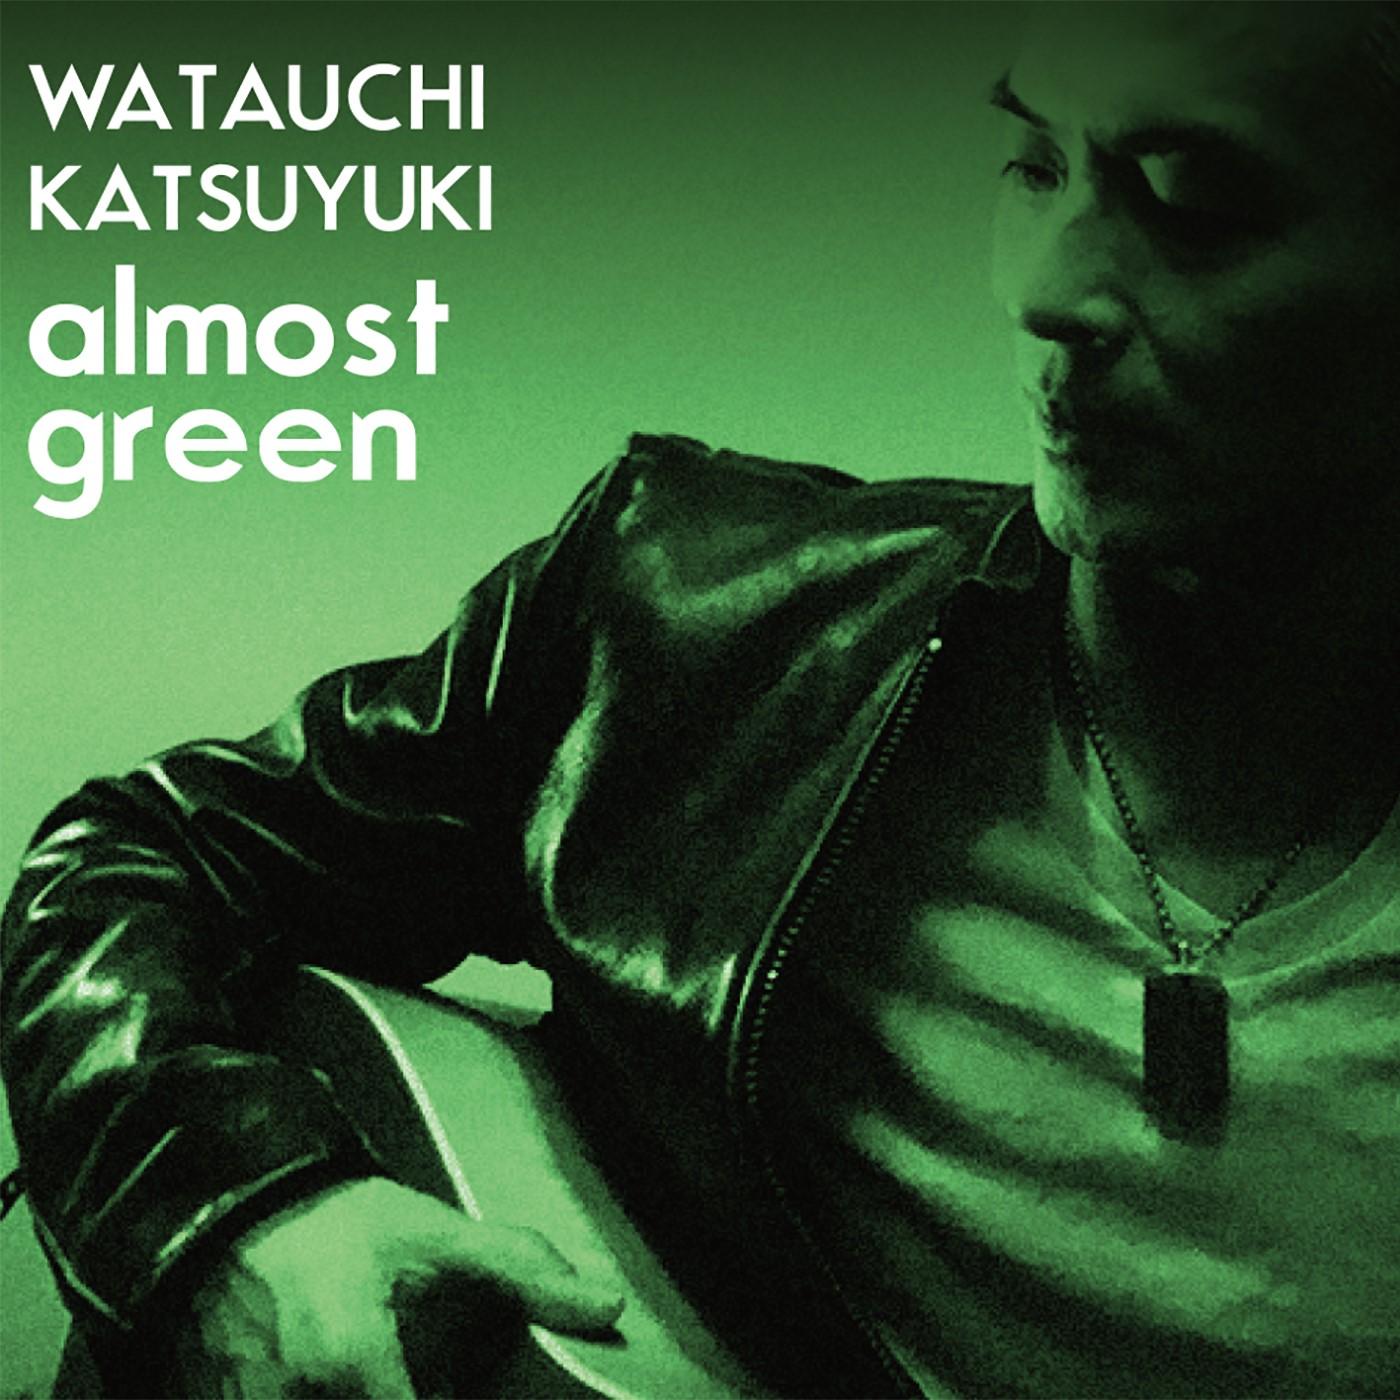 綿内克幸、7年ぶりのオリジナル・アルバム 「almost green」4月15日配信開始サムネイル画像